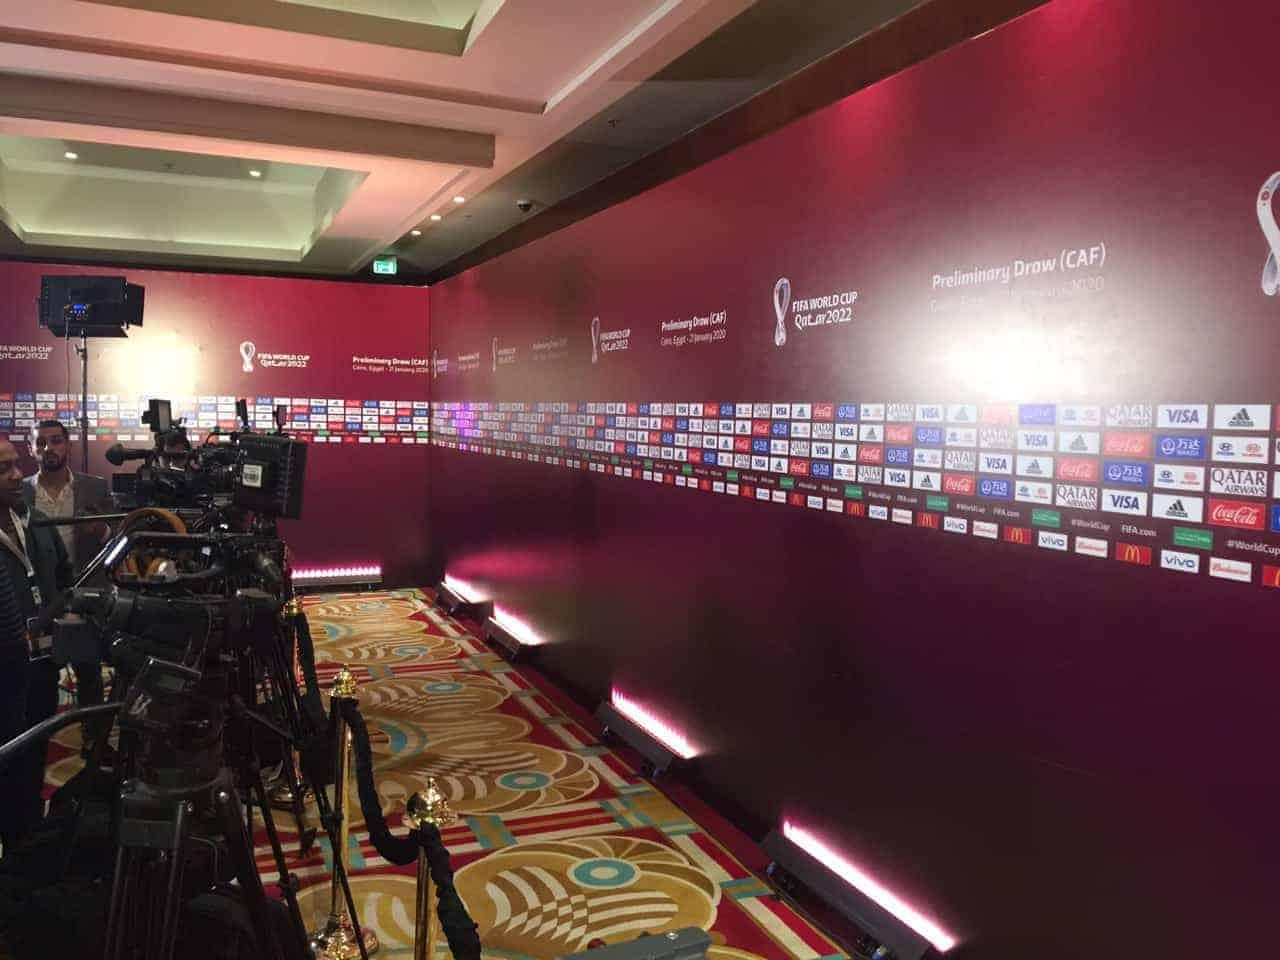 قاعة قرعة تصفيات مونديال قطر 2022 عن قارة أفريقيا في القاهرة (صور: MahmoudMaher)